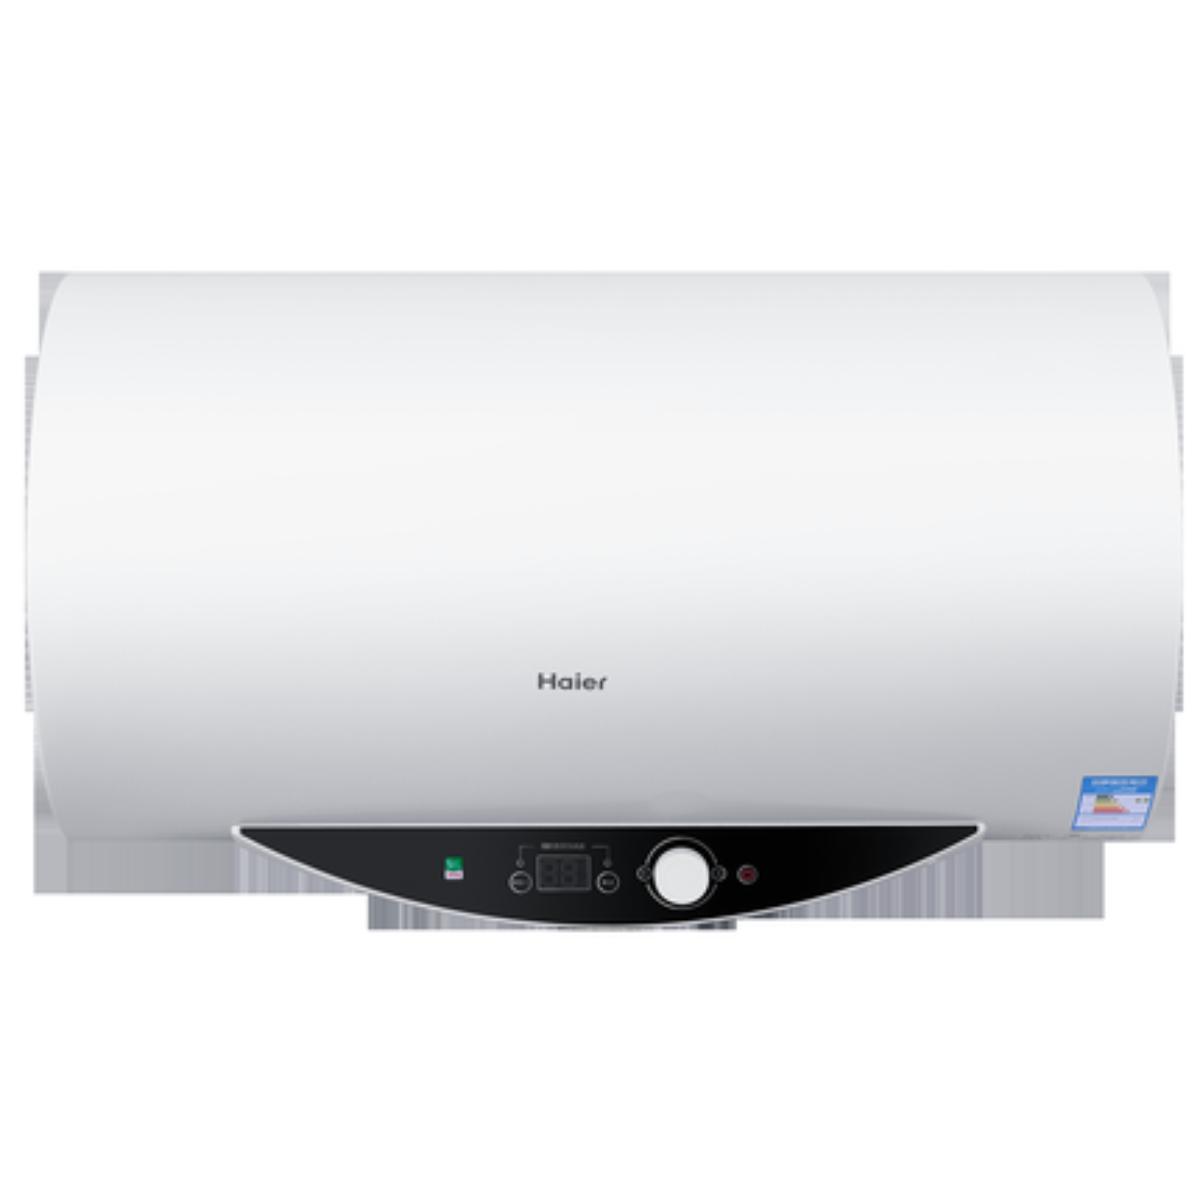 热水器,如3000w以上则必须使用空气开关进行控制,严禁使用电源插头与图片